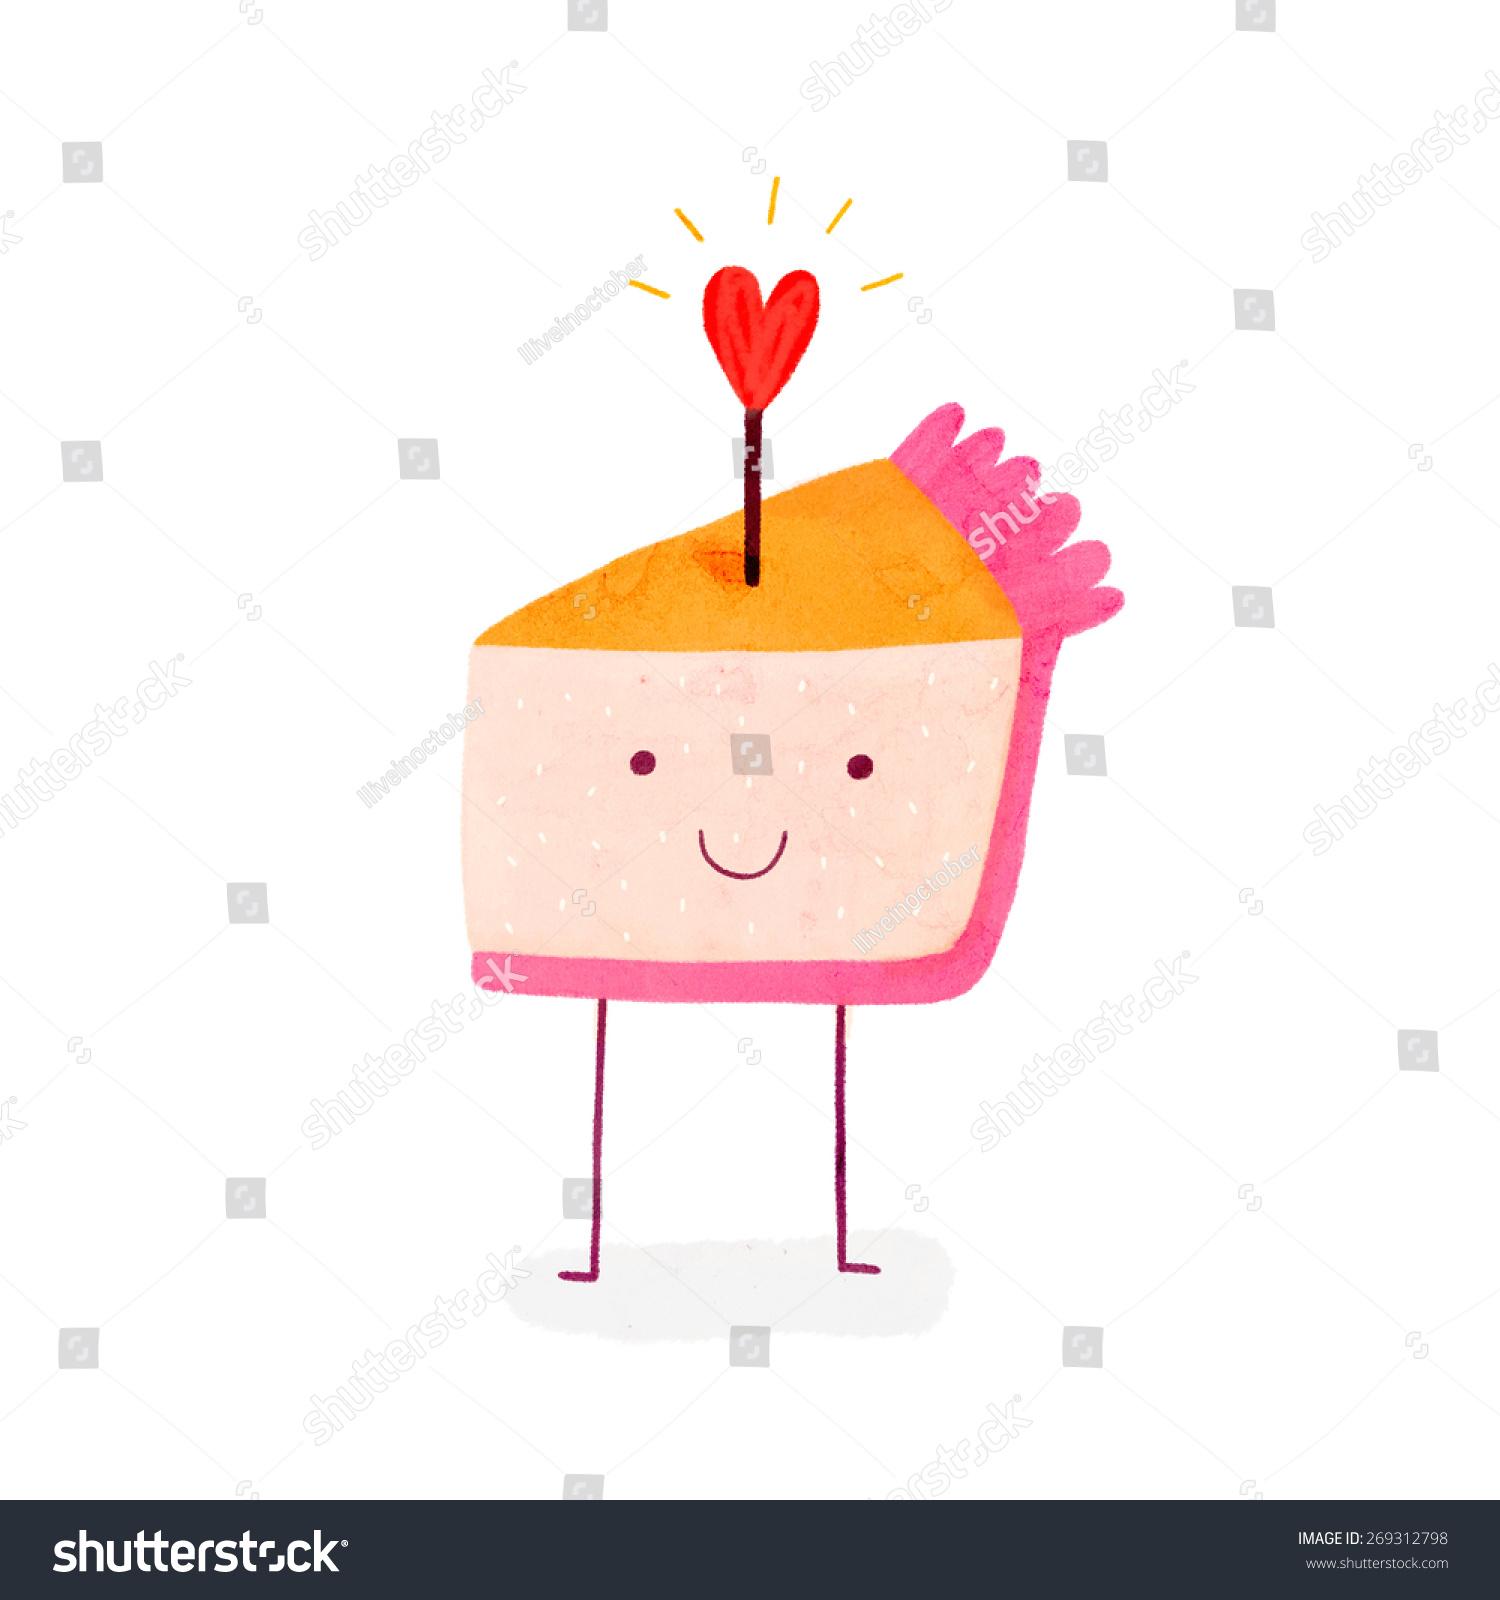 可爱的生日蛋糕和闪亮的心.笑脸派人物卡通风格-食品